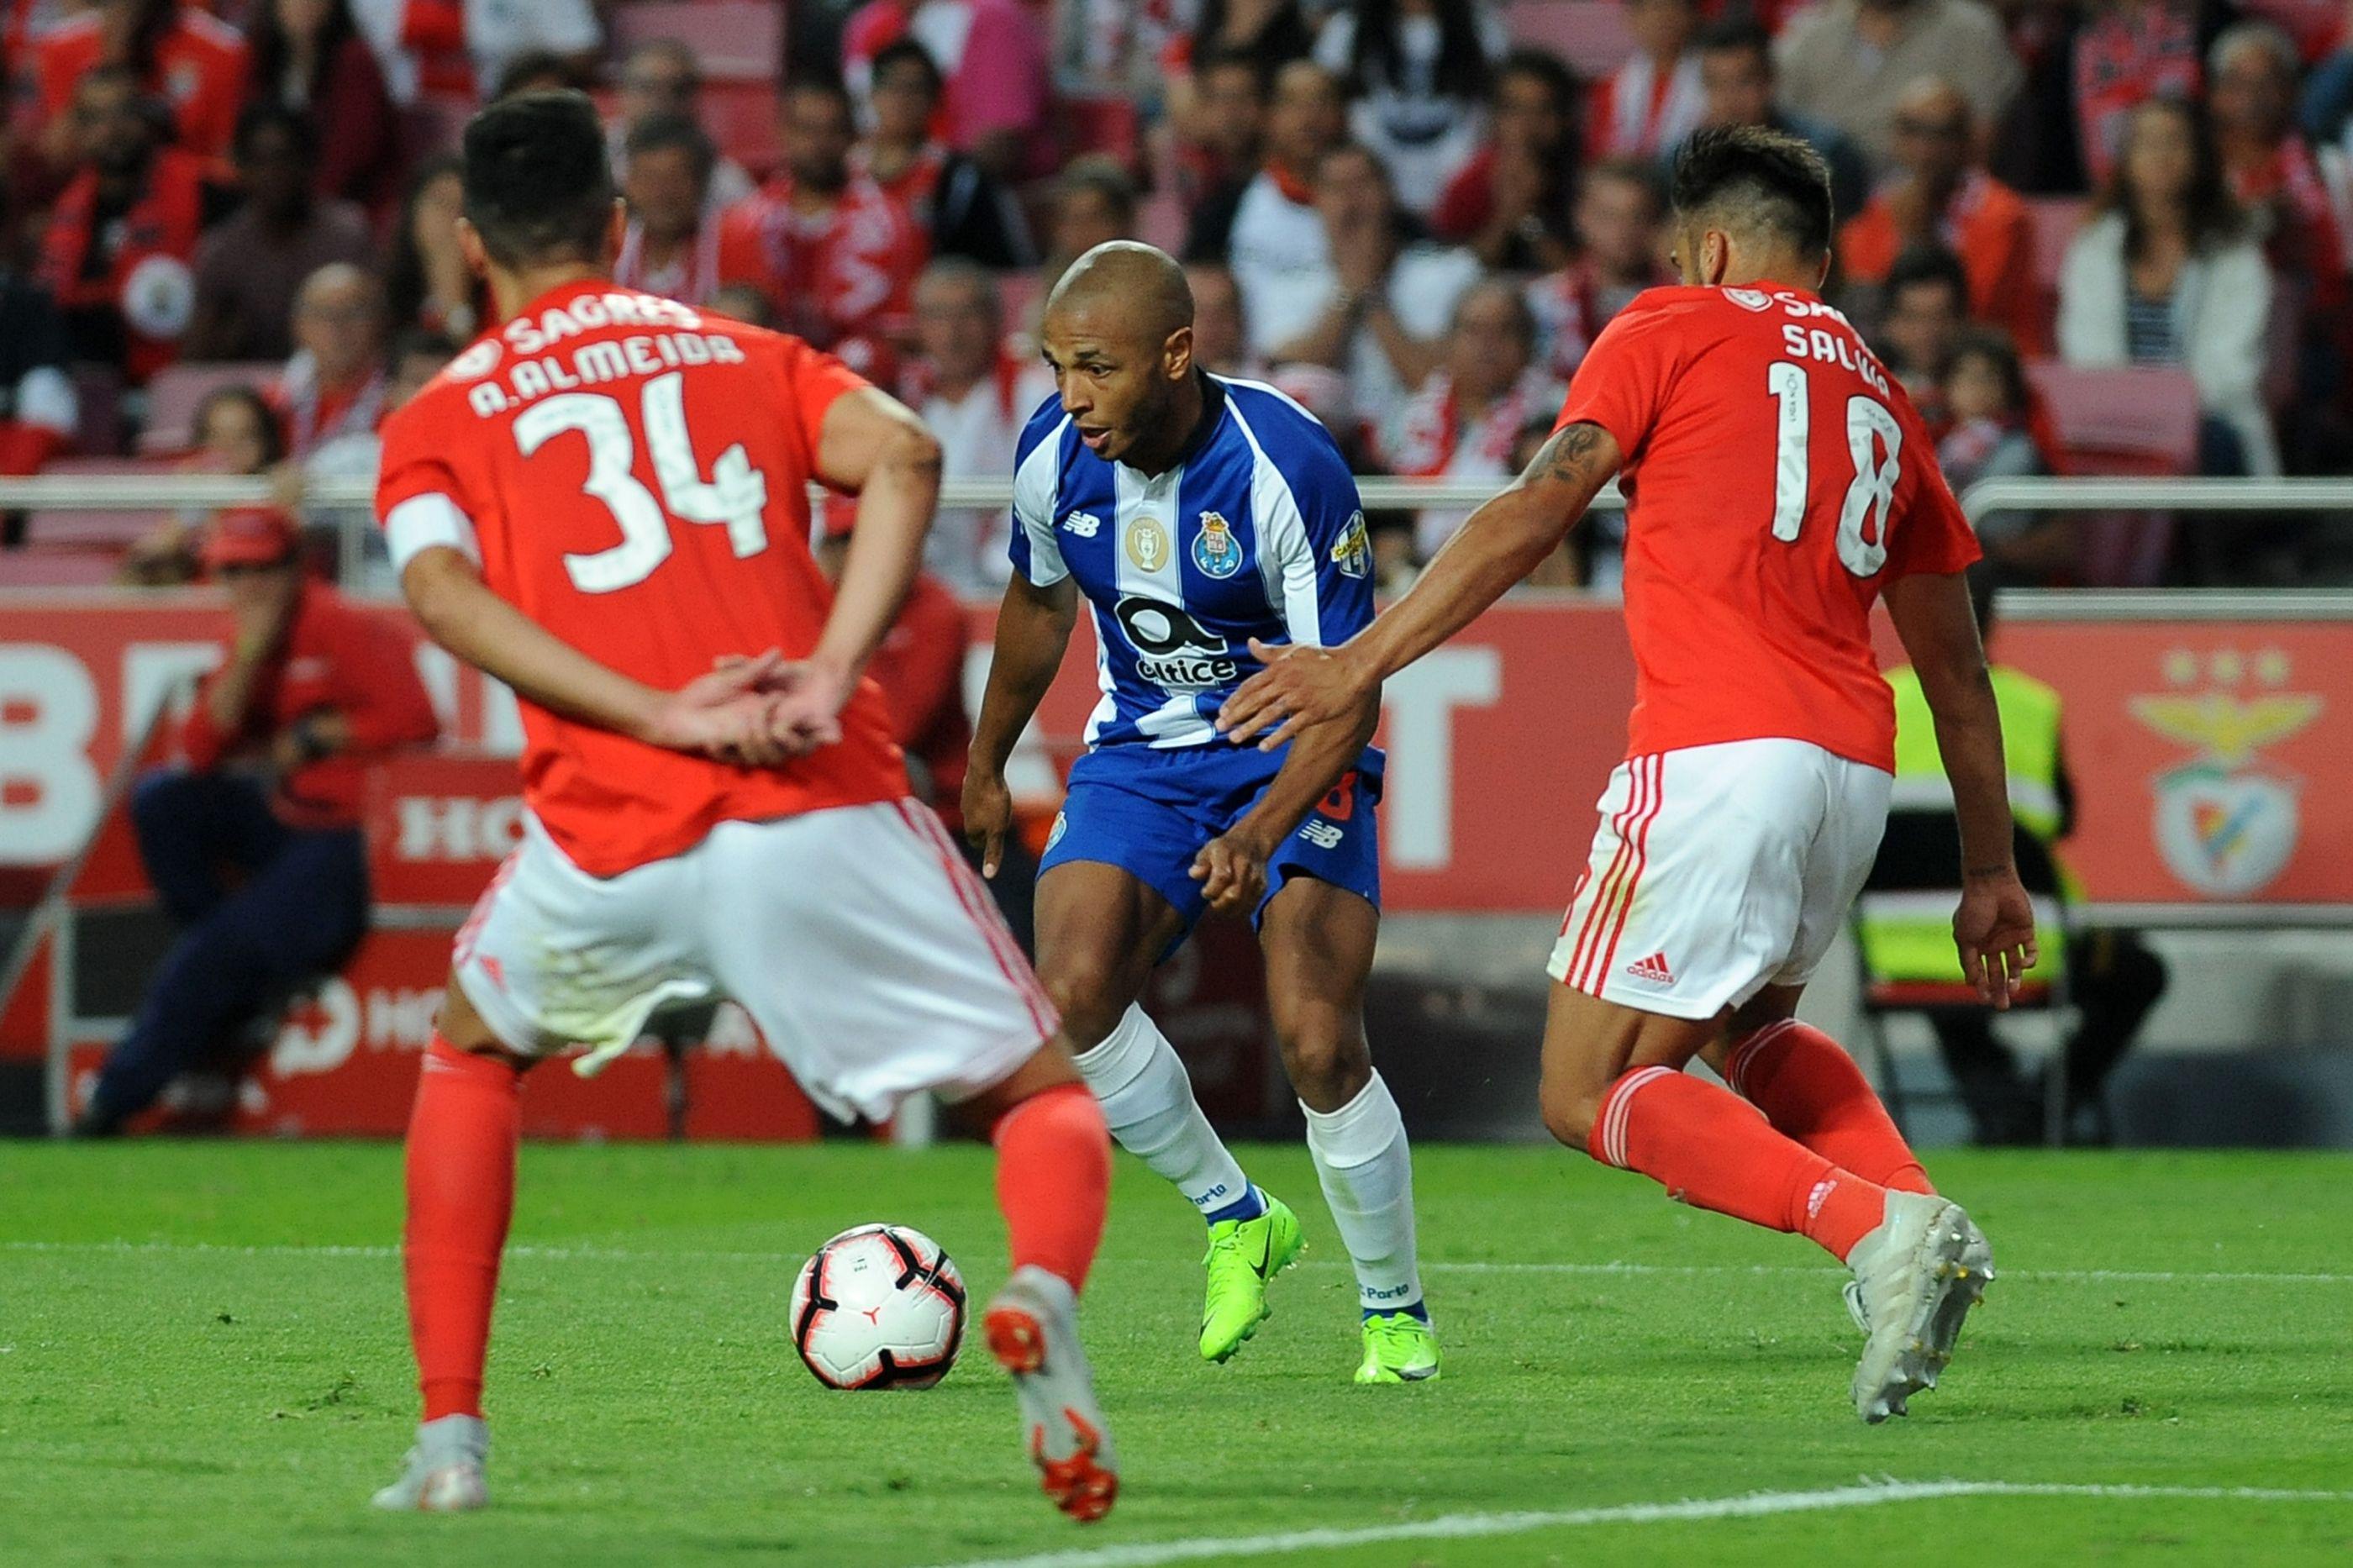 Brahimi motiva 'luta' de titãs na Premier League